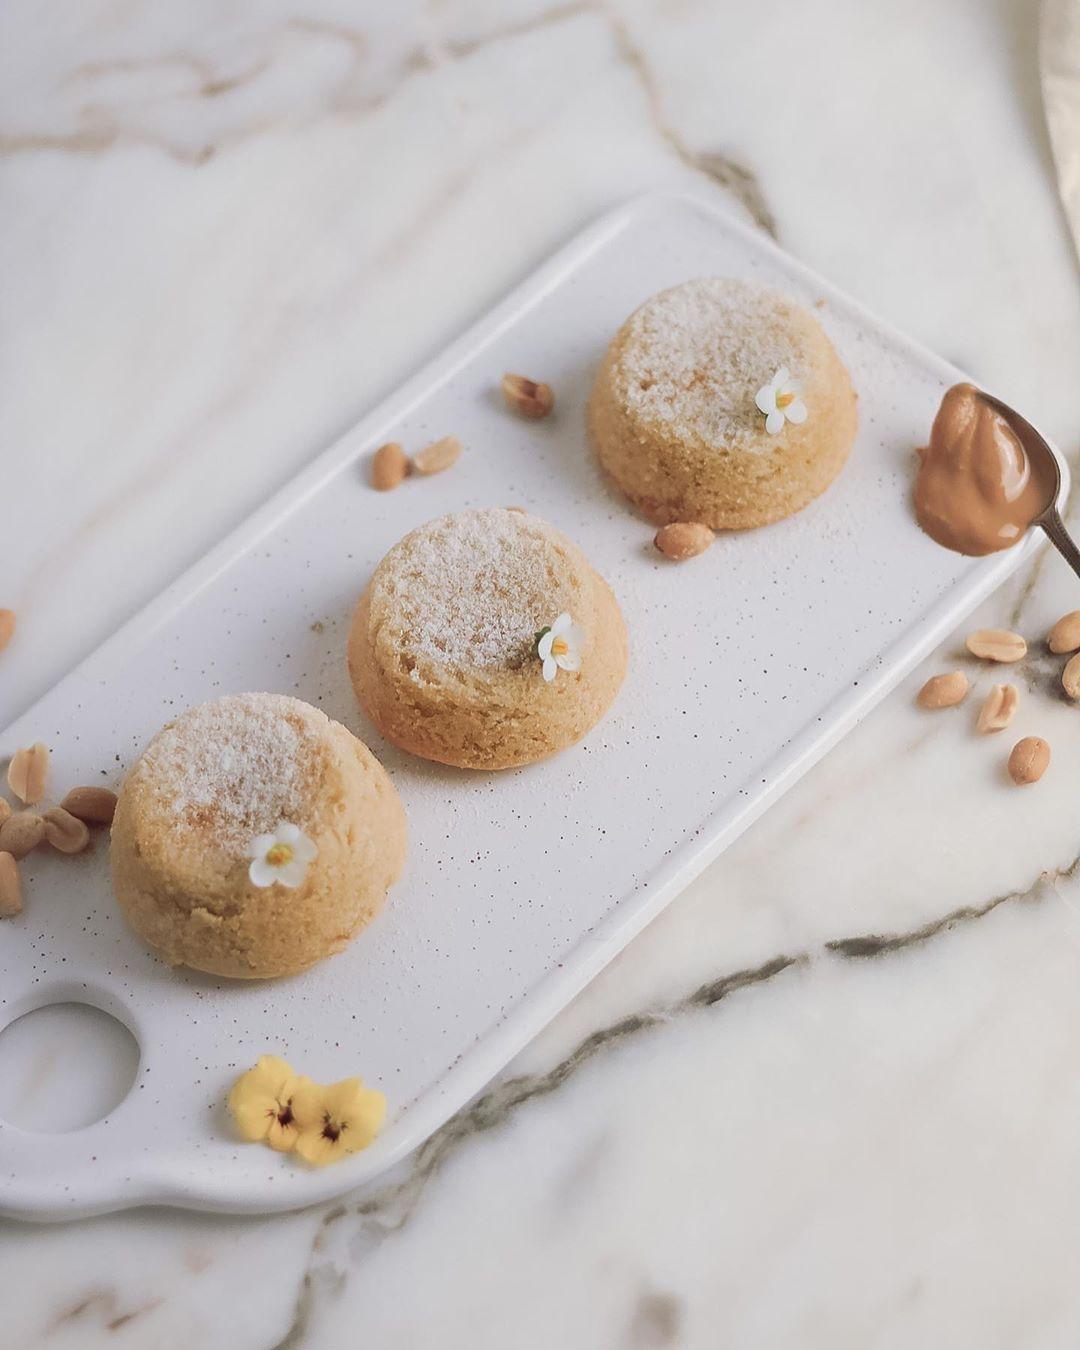 Petit Gateau de Manteiga de Amendoim